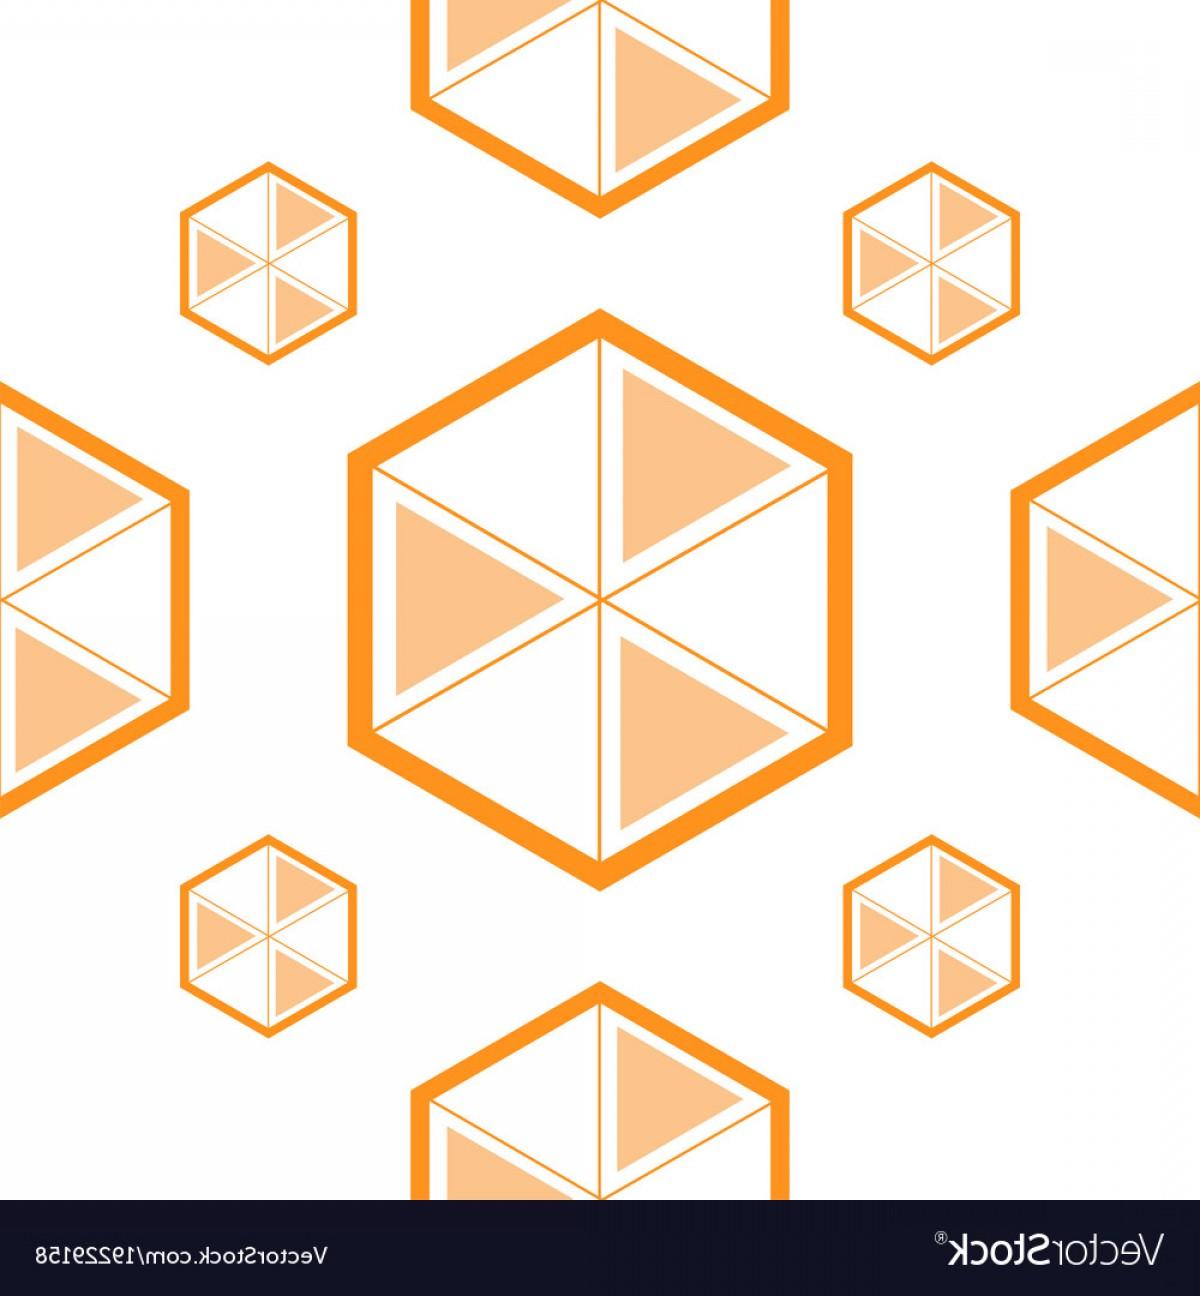 1200x1296 Free Bee Hexagon Pattern Vector Graphic Lazttweet